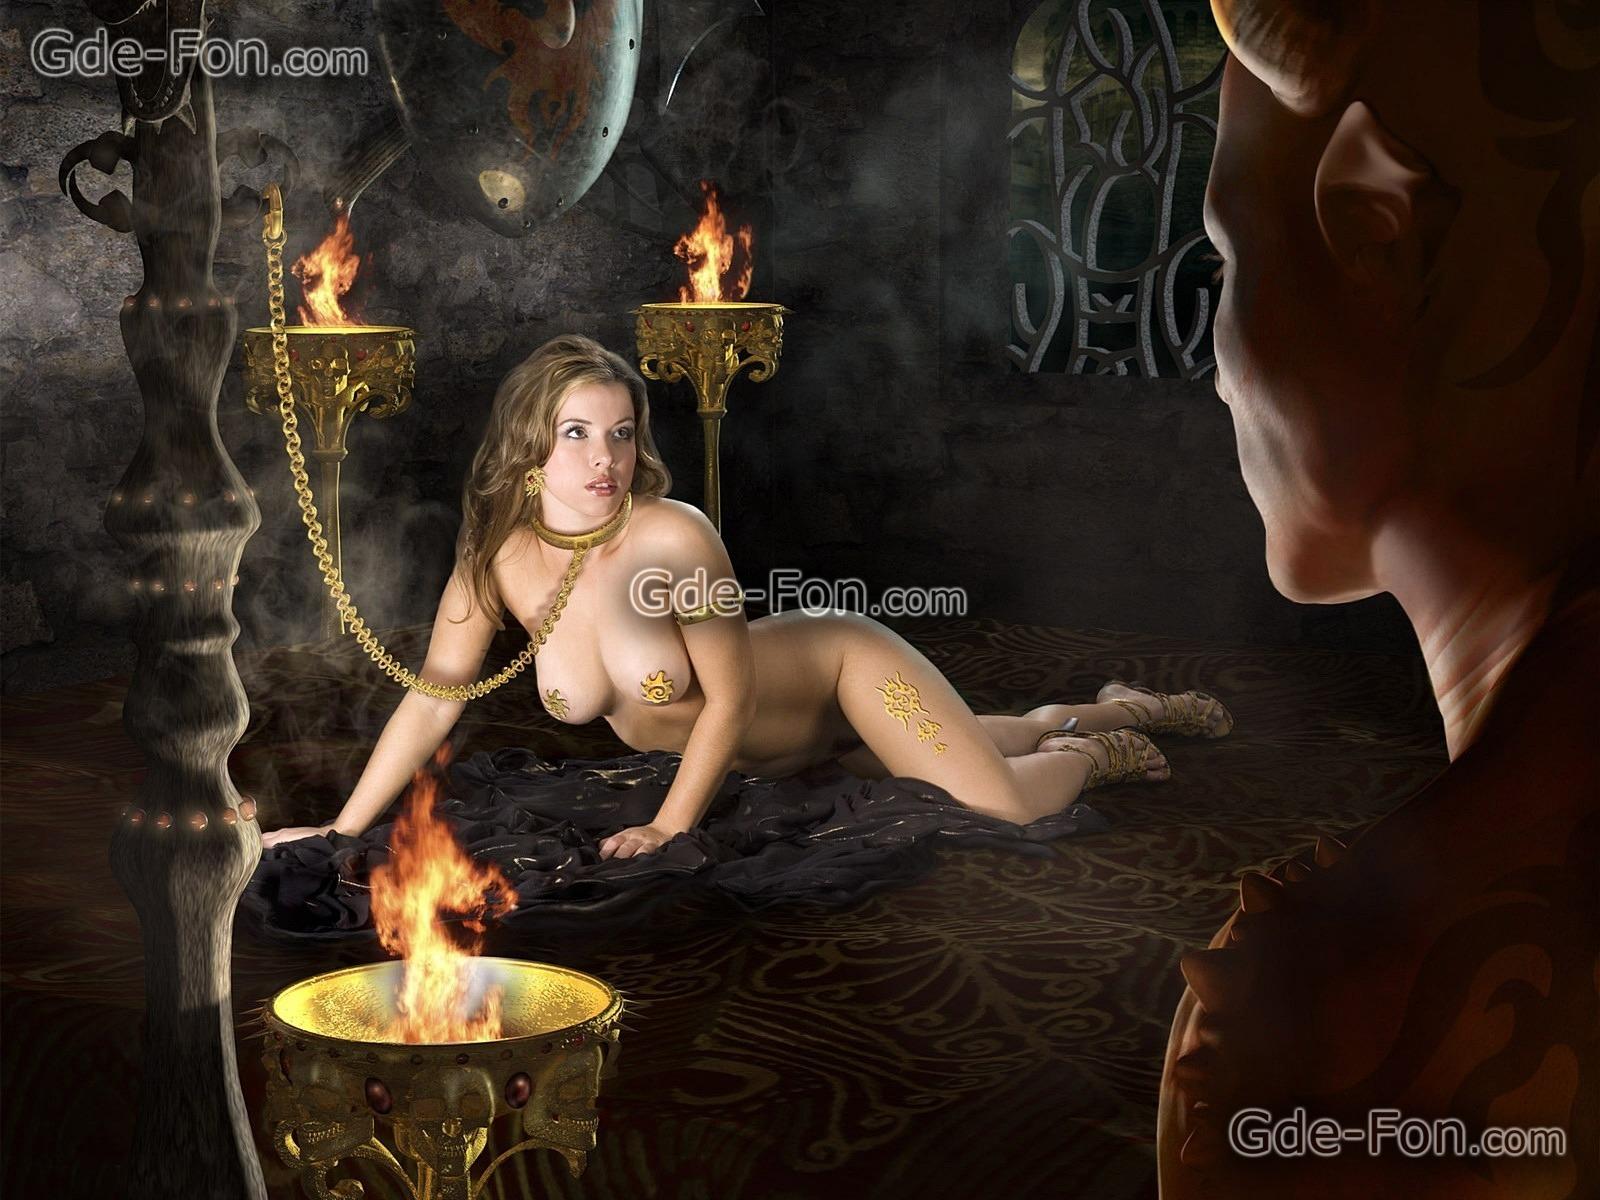 Фото рабов эротика 7 фотография